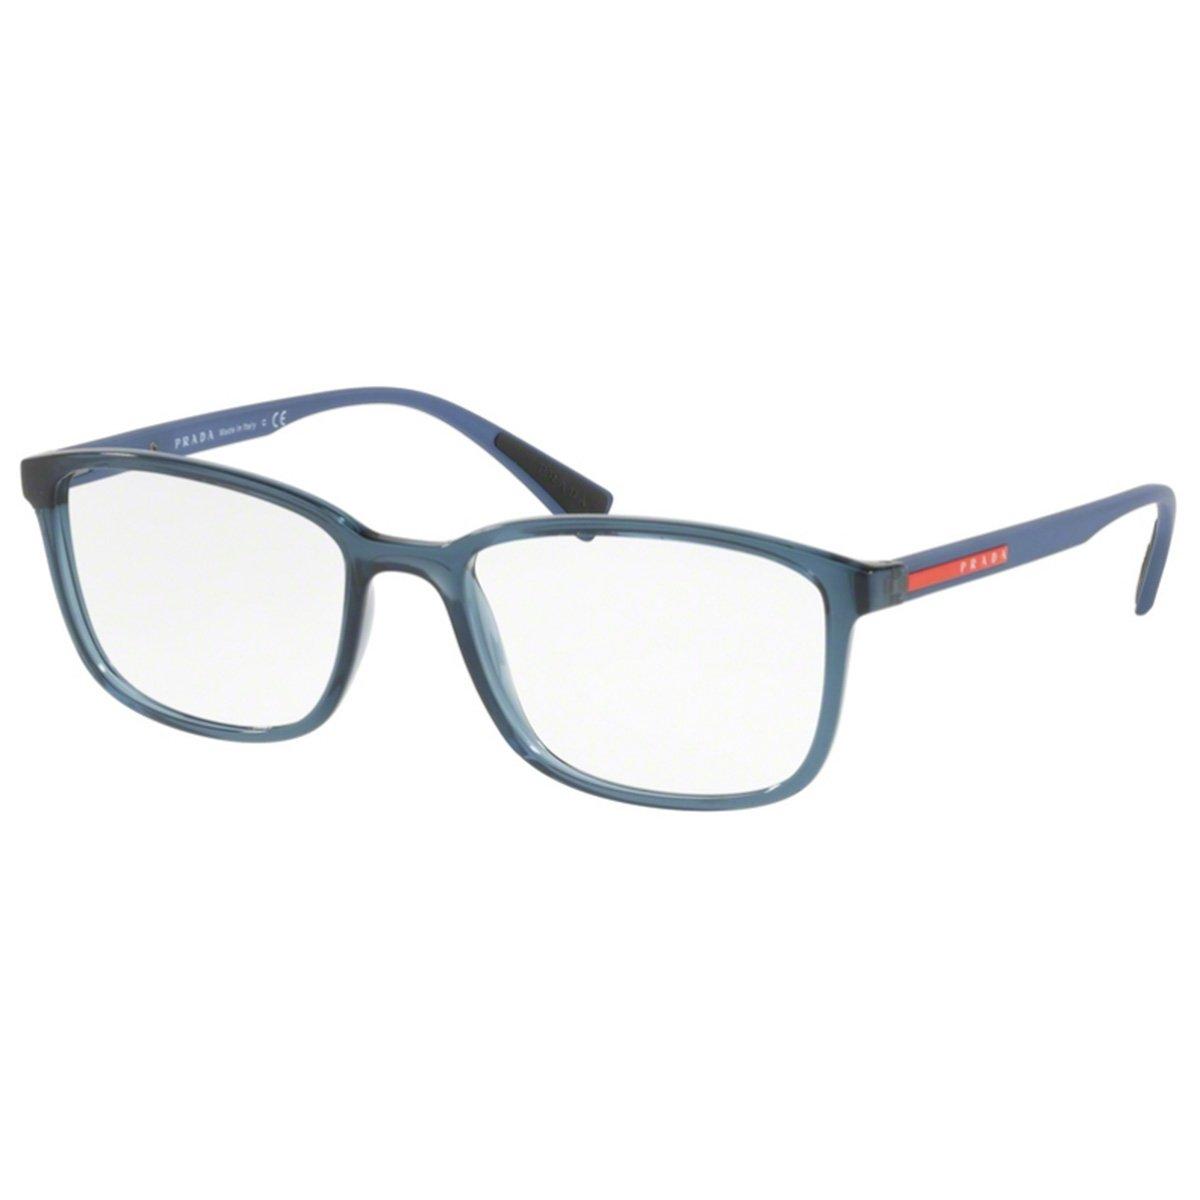 ... Compre Óculos de Grau Prada em 10X Tri-Jóia Shop 5bf7fc6d675108 ... ab111b1150